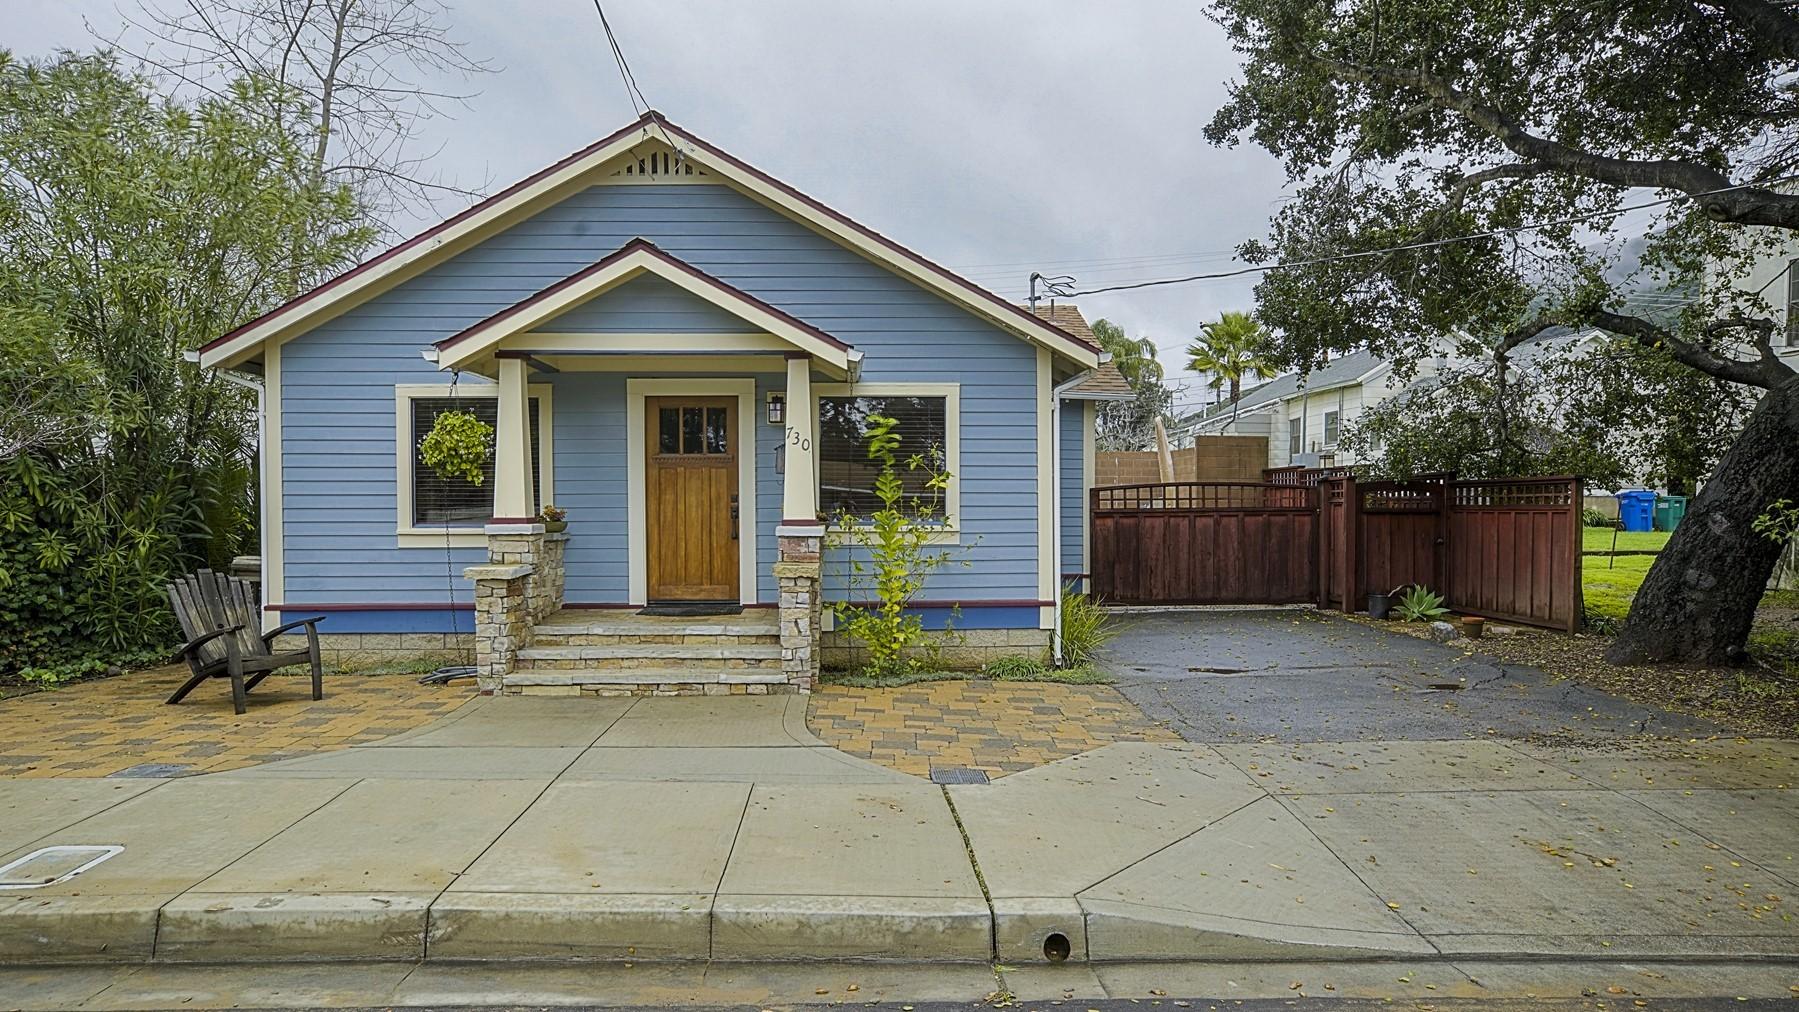 1907 school house farmhouse bathroom san luis obispo by - 1907 School House Farmhouse Bathroom San Luis Obispo By 49